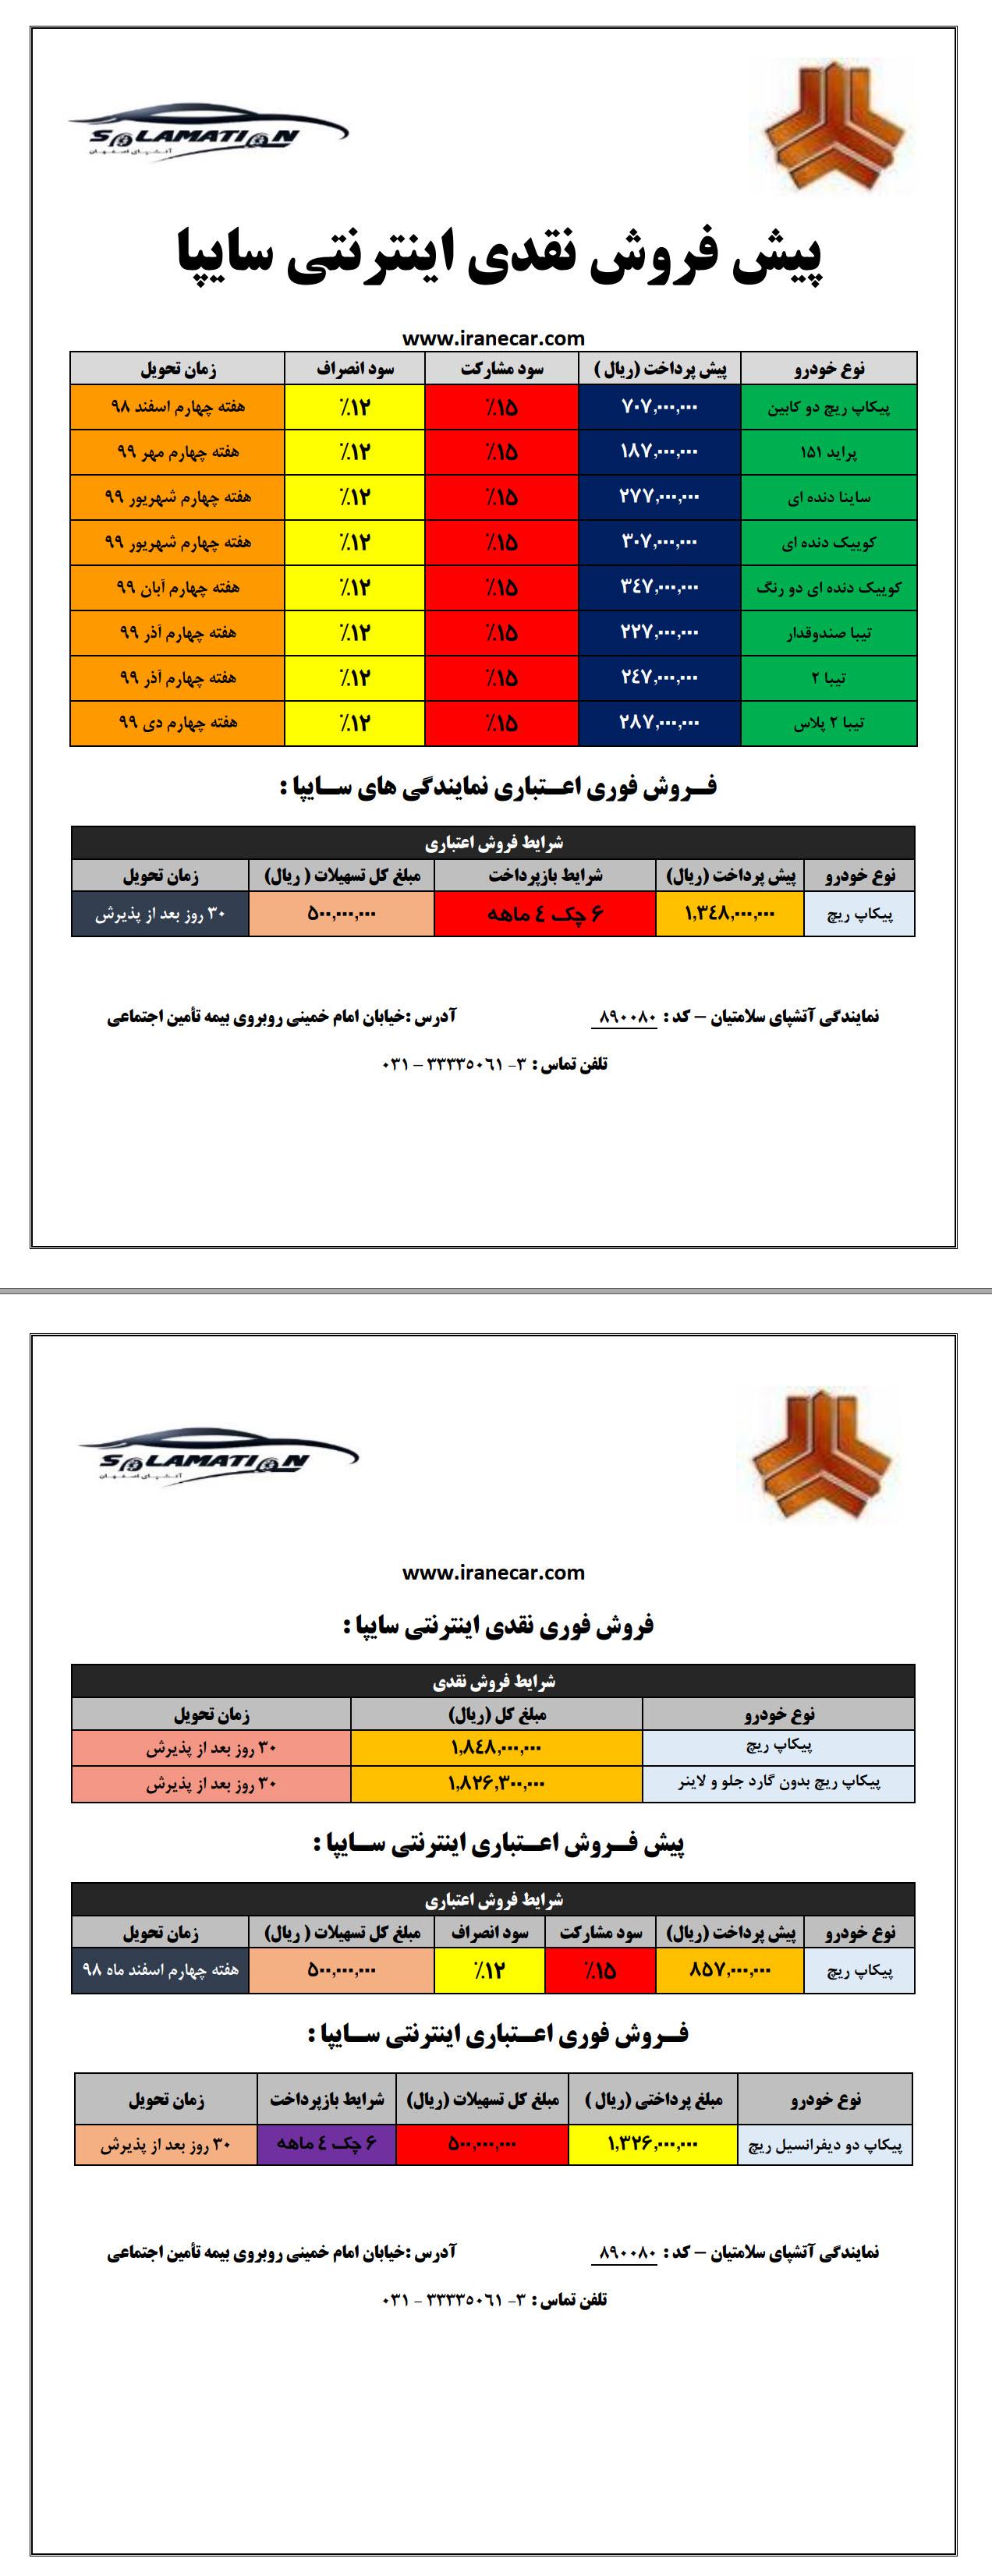 شرایط فروش سایپا Saipa در اصفهان